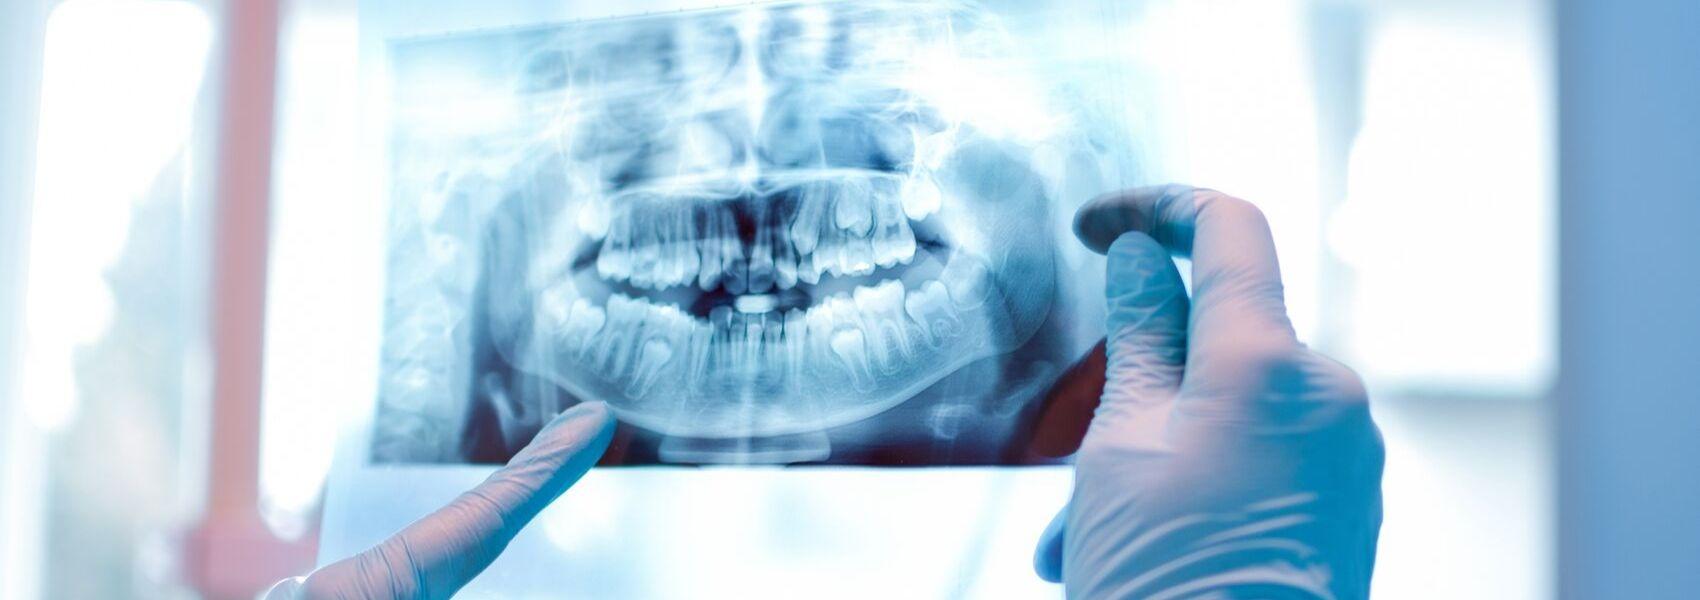 perder dentes faz mal ao coração